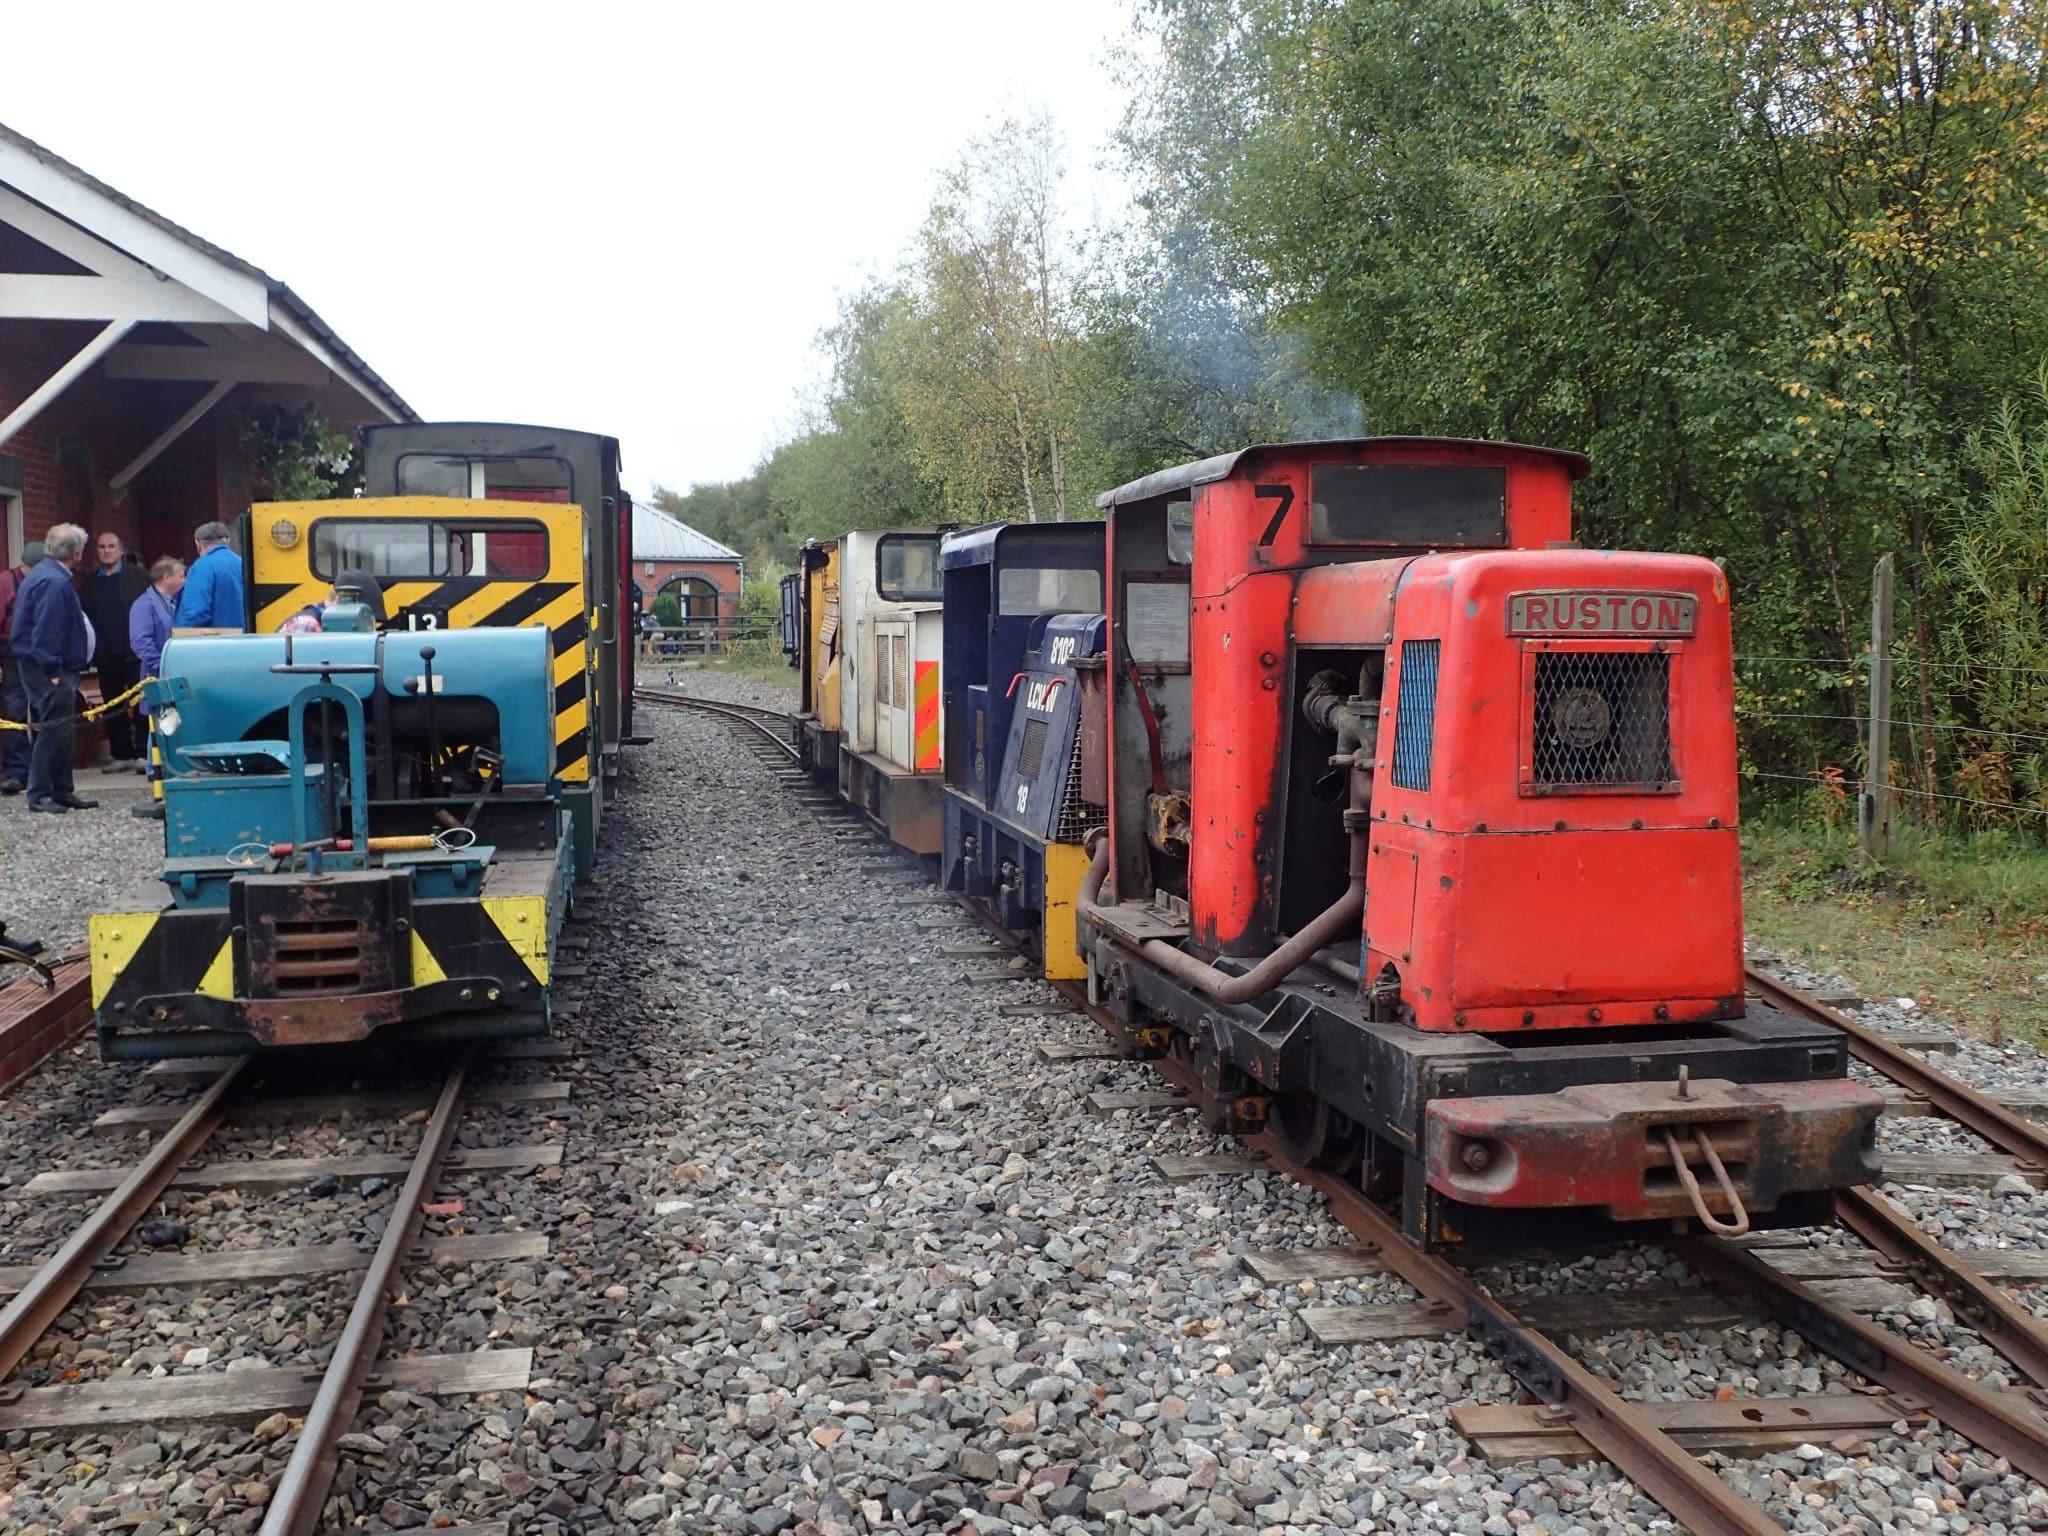 Apedale Valley Railway Diesel Gala